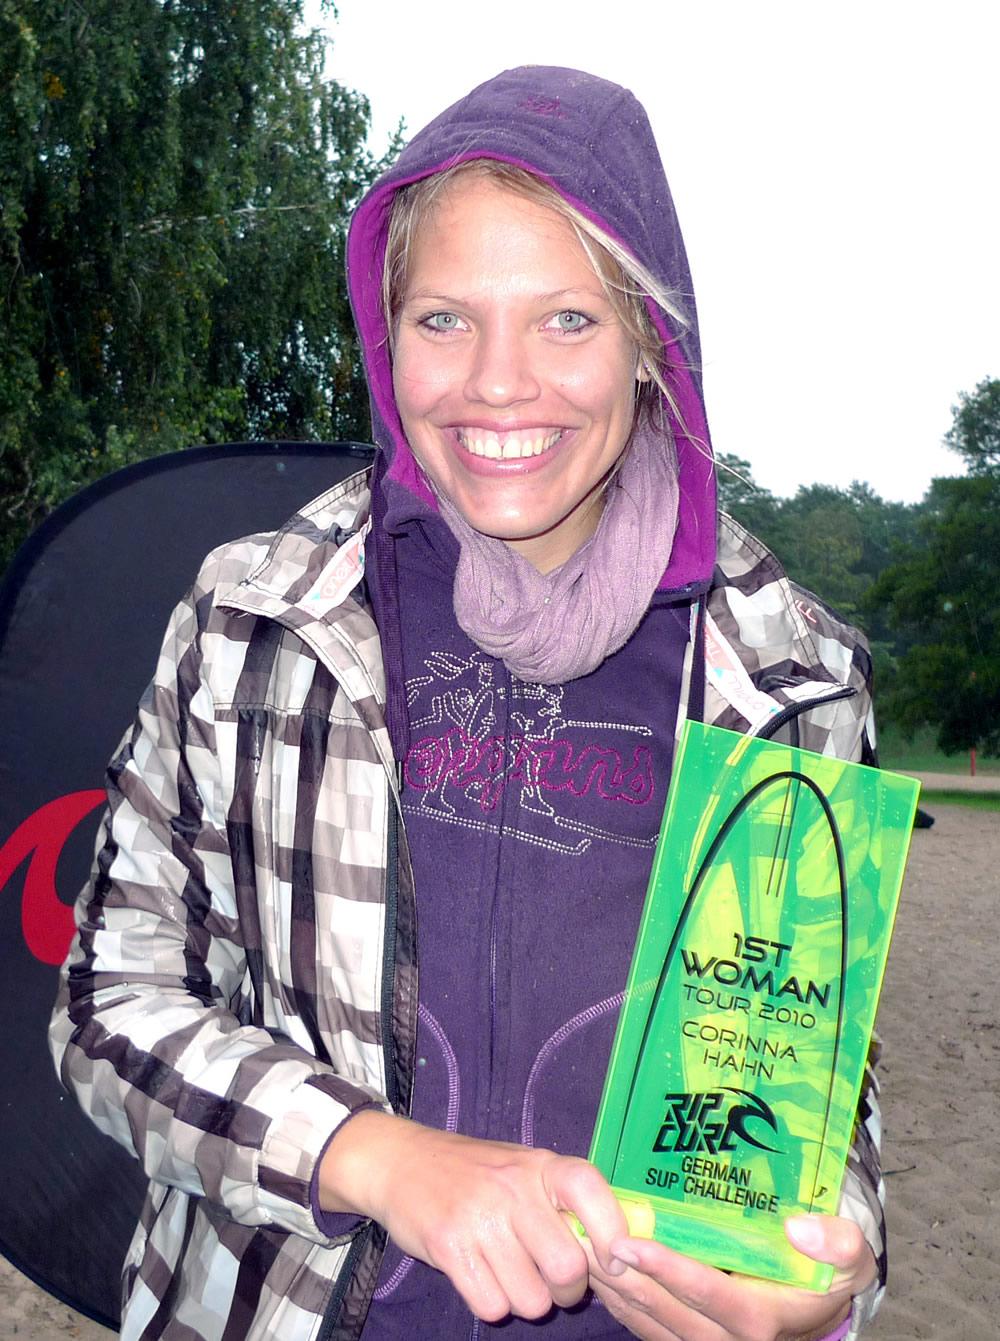 tour siegerin corinna hahn Rip Curl German Sup Challenge 2010 feiert seine Sieger